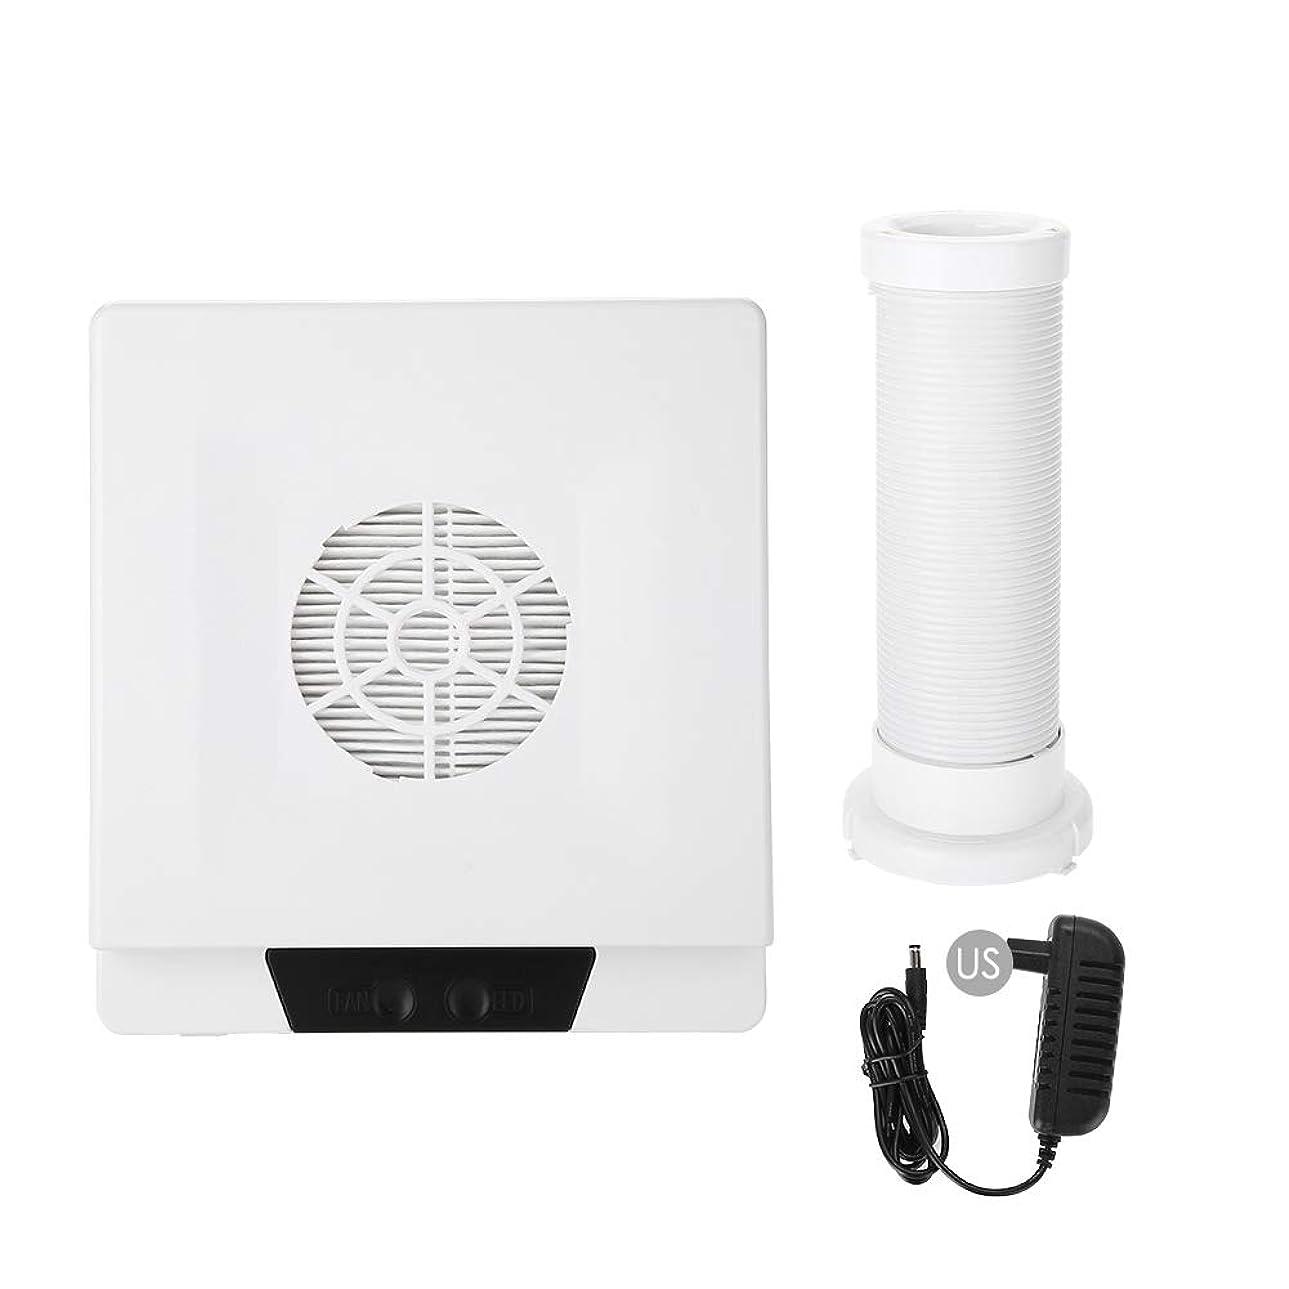 航空後継十分ではないTOPINCN 60W 強い力 ネイルアートダストサクション ネイルアート集塵機 マニキュア掃除機 ネイルダストクリーナー(02)